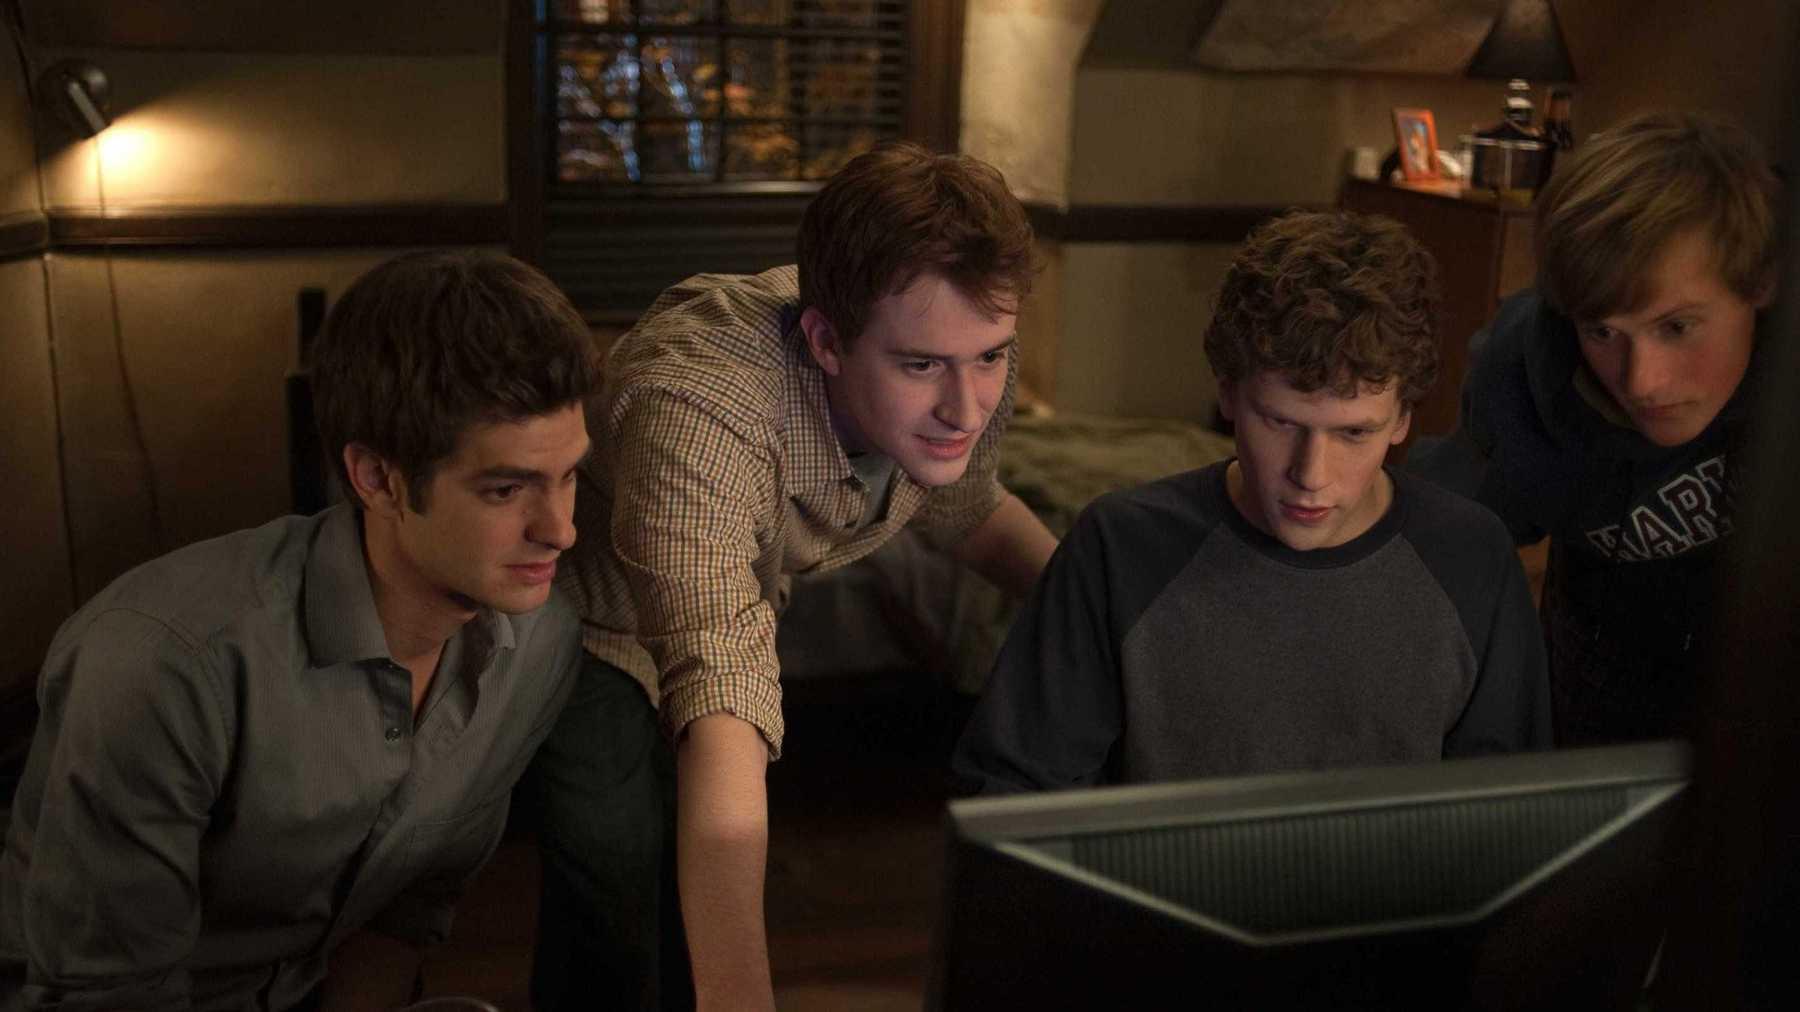 Аарон Соркин хочет написать сценарий сиквела «Социальной сети»